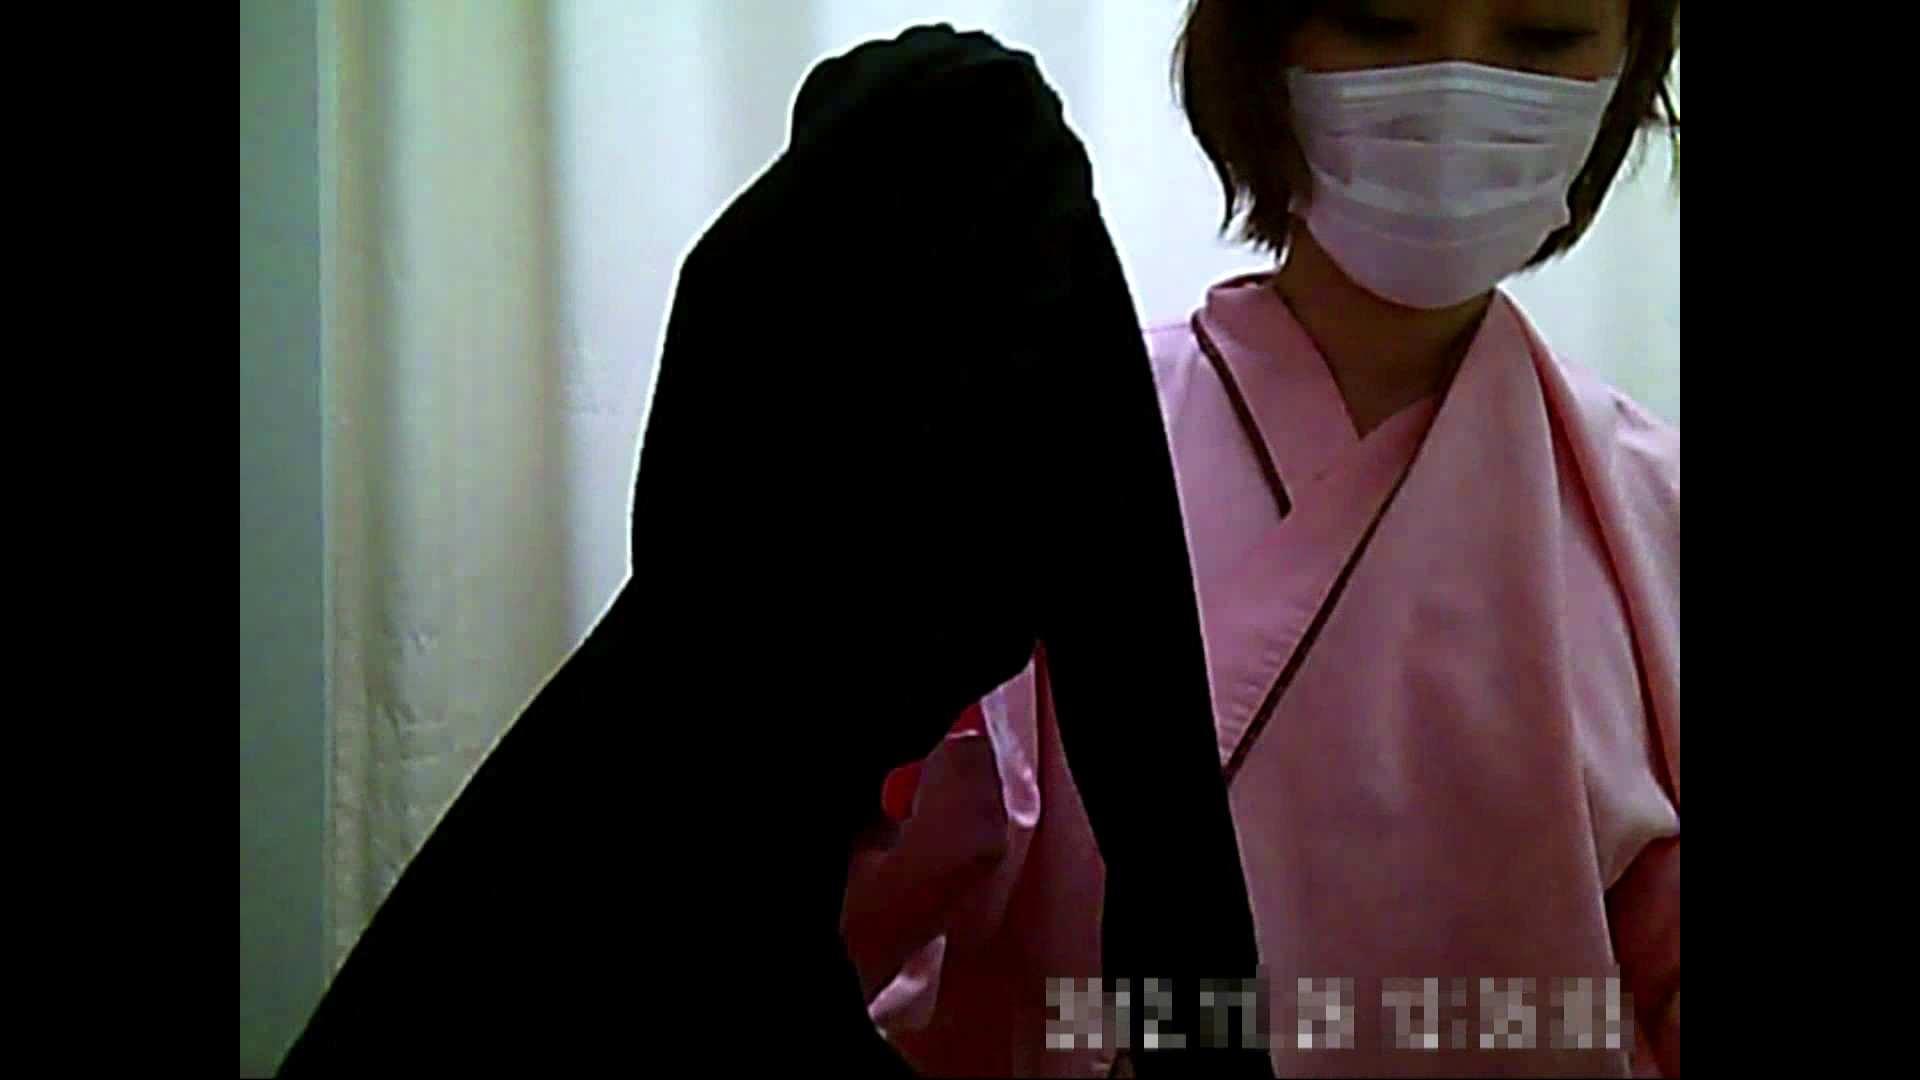 病院おもいっきり着替え! vol.159 おっぱい AV無料動画キャプチャ 98画像 60